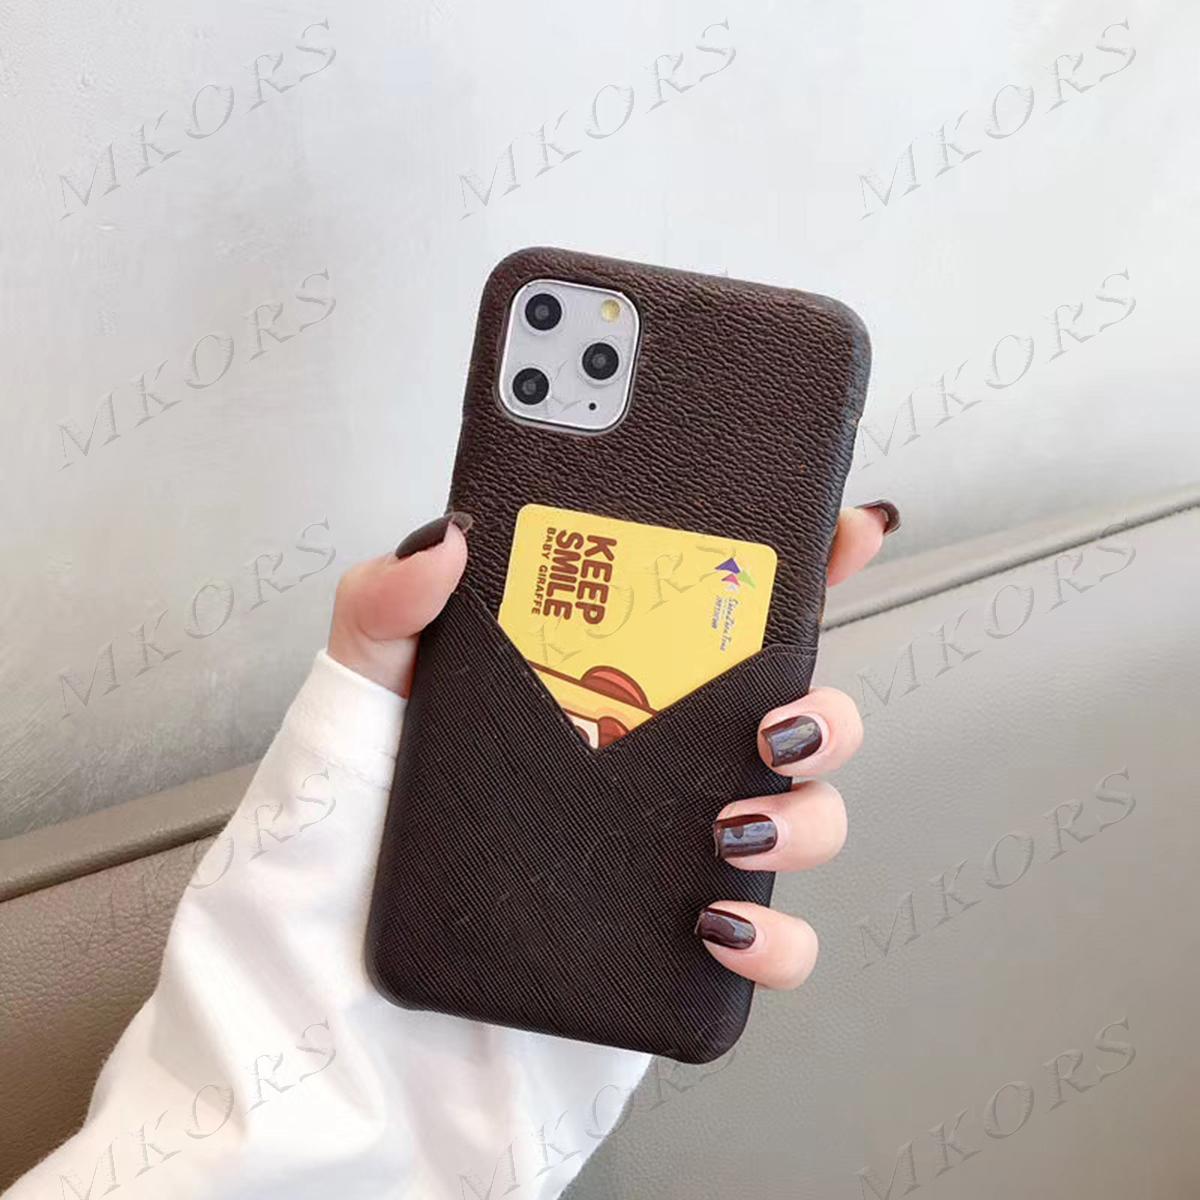 L تصميم حالة الهاتف لآيفون 12 12PRO 11 11PRO X XS MAX XR 2018 8 8Plus 7 7Plus بو الجلود الحالات غطاء قذيفة مع فتحة بطاقة حامل